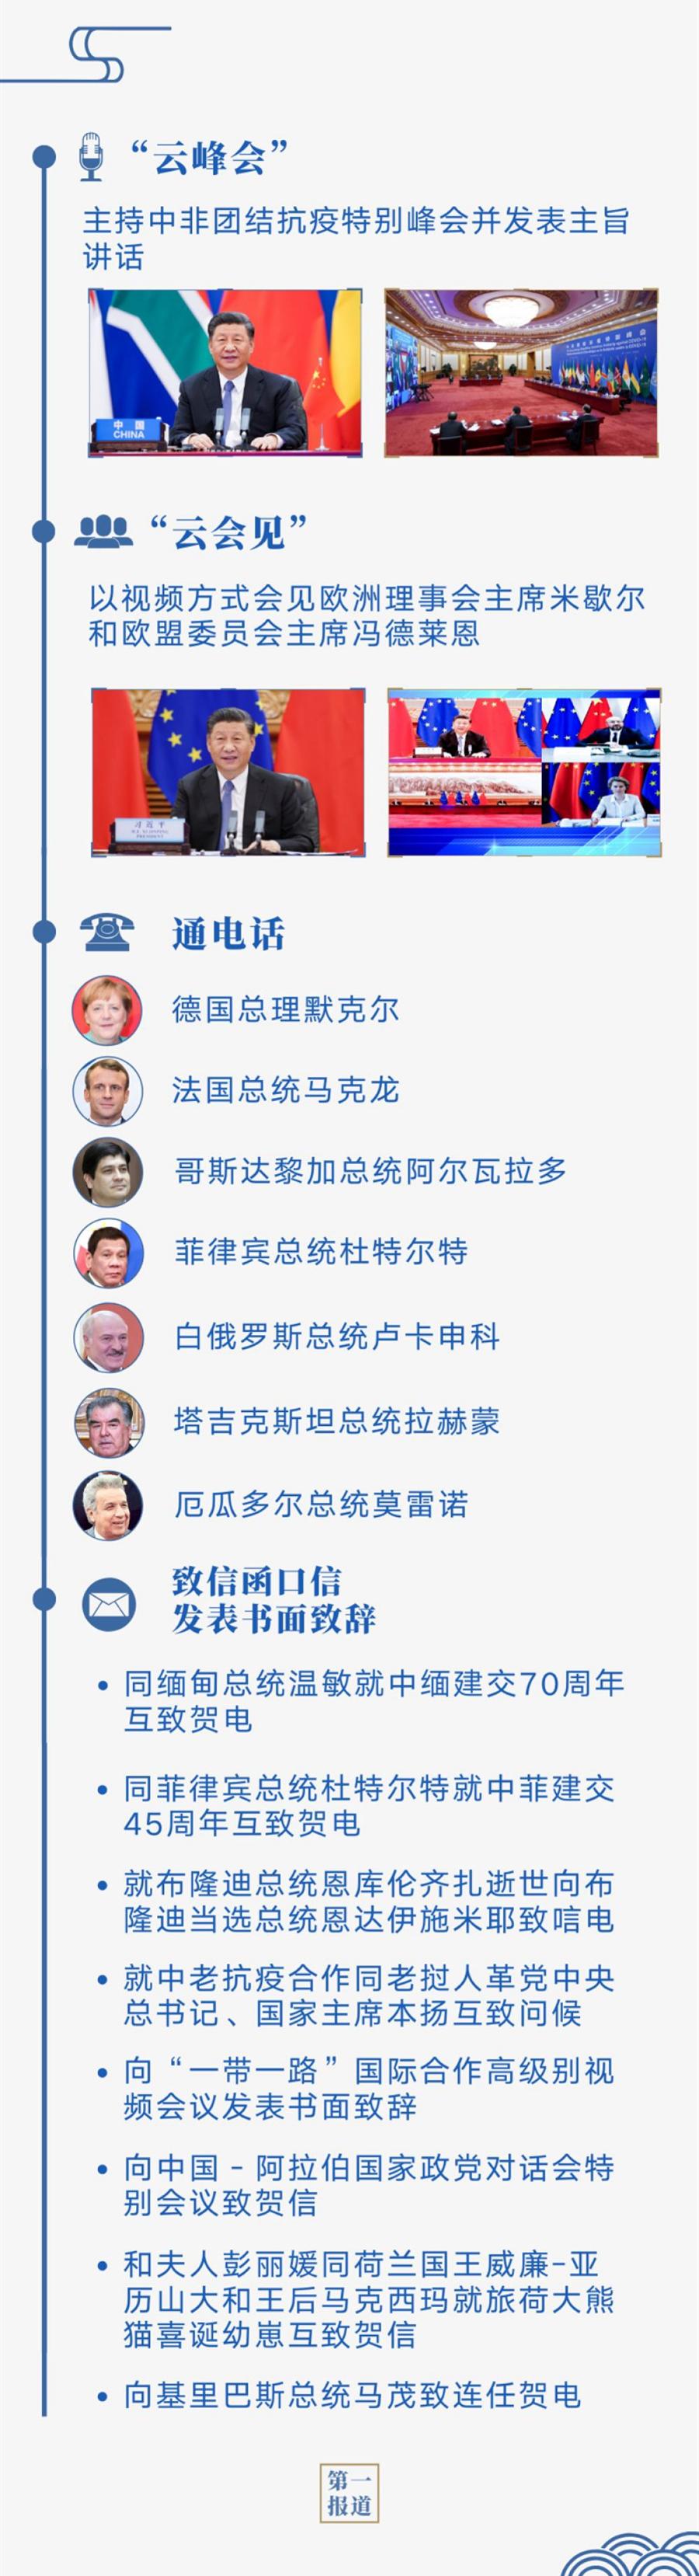 「摩天测速」月中国元首外交又一个摩天测速繁忙月图片